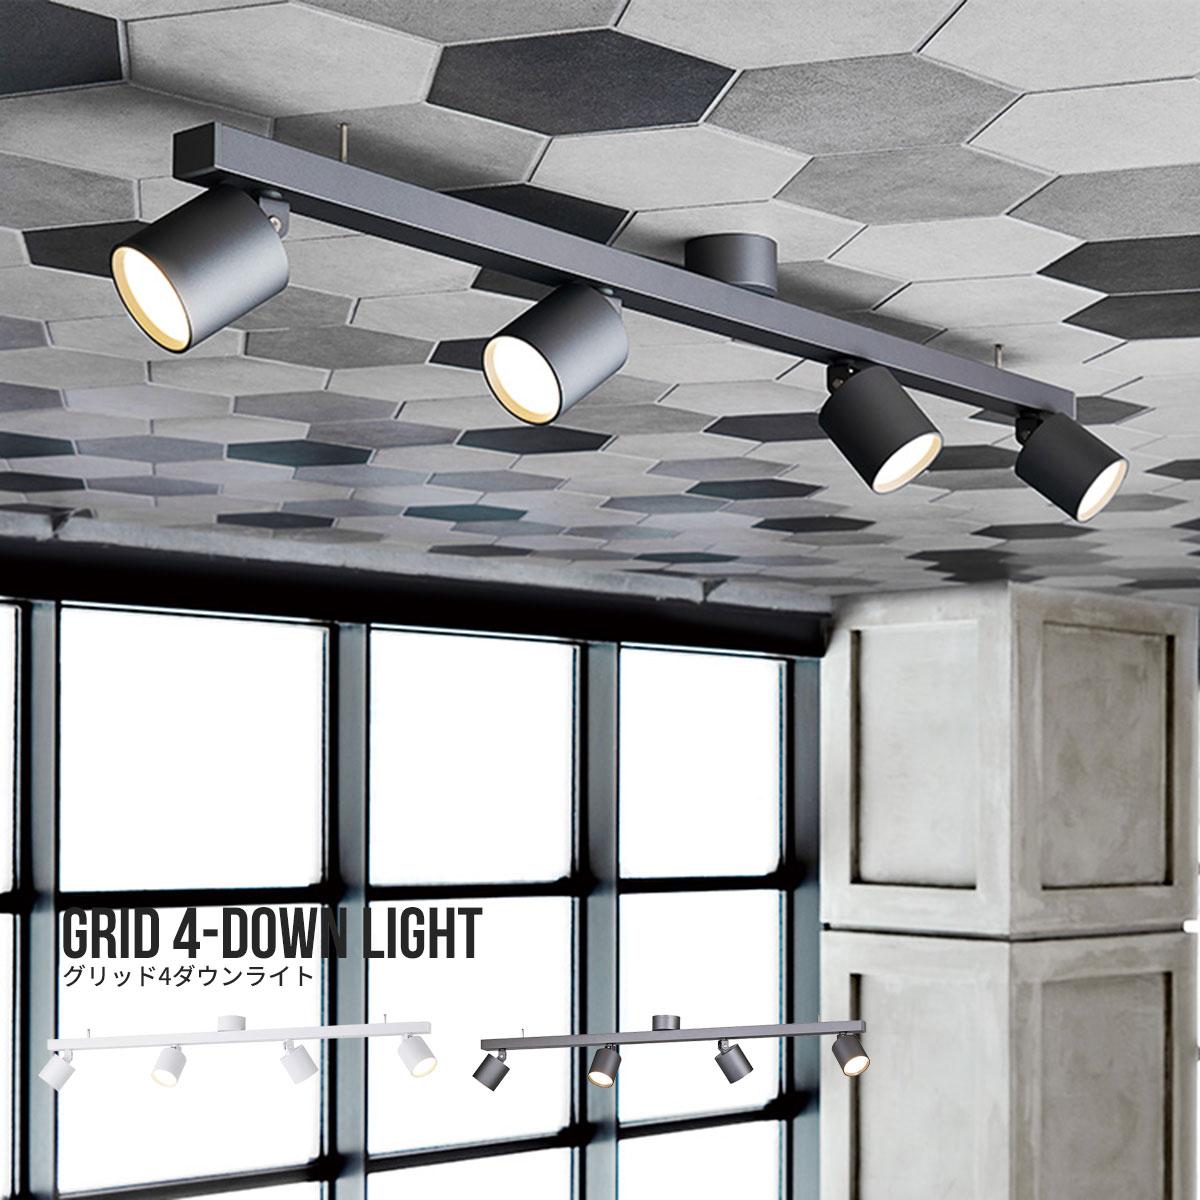 【あす楽】LED電球内蔵ダウンライト Grid 4-down light グリッド4ダウンライト 100W相当LED電球 高寿命 色調2段階 切替 スポットライト おしゃれ ブラック ホワイト シルバー シンプル AW-0554E 新生活